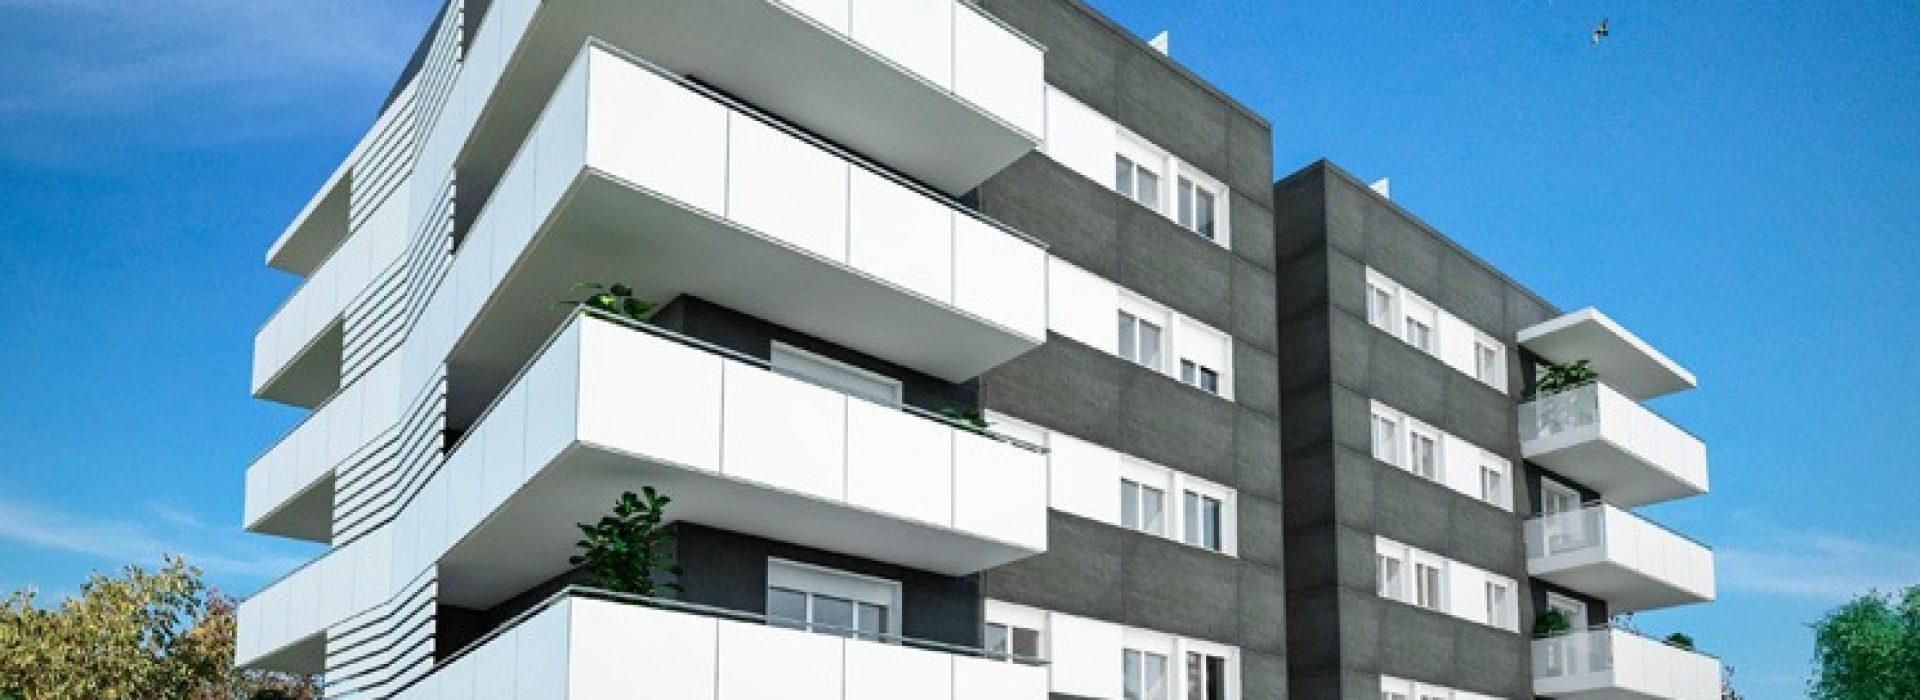 les-terrasses-de-vullpalleres02